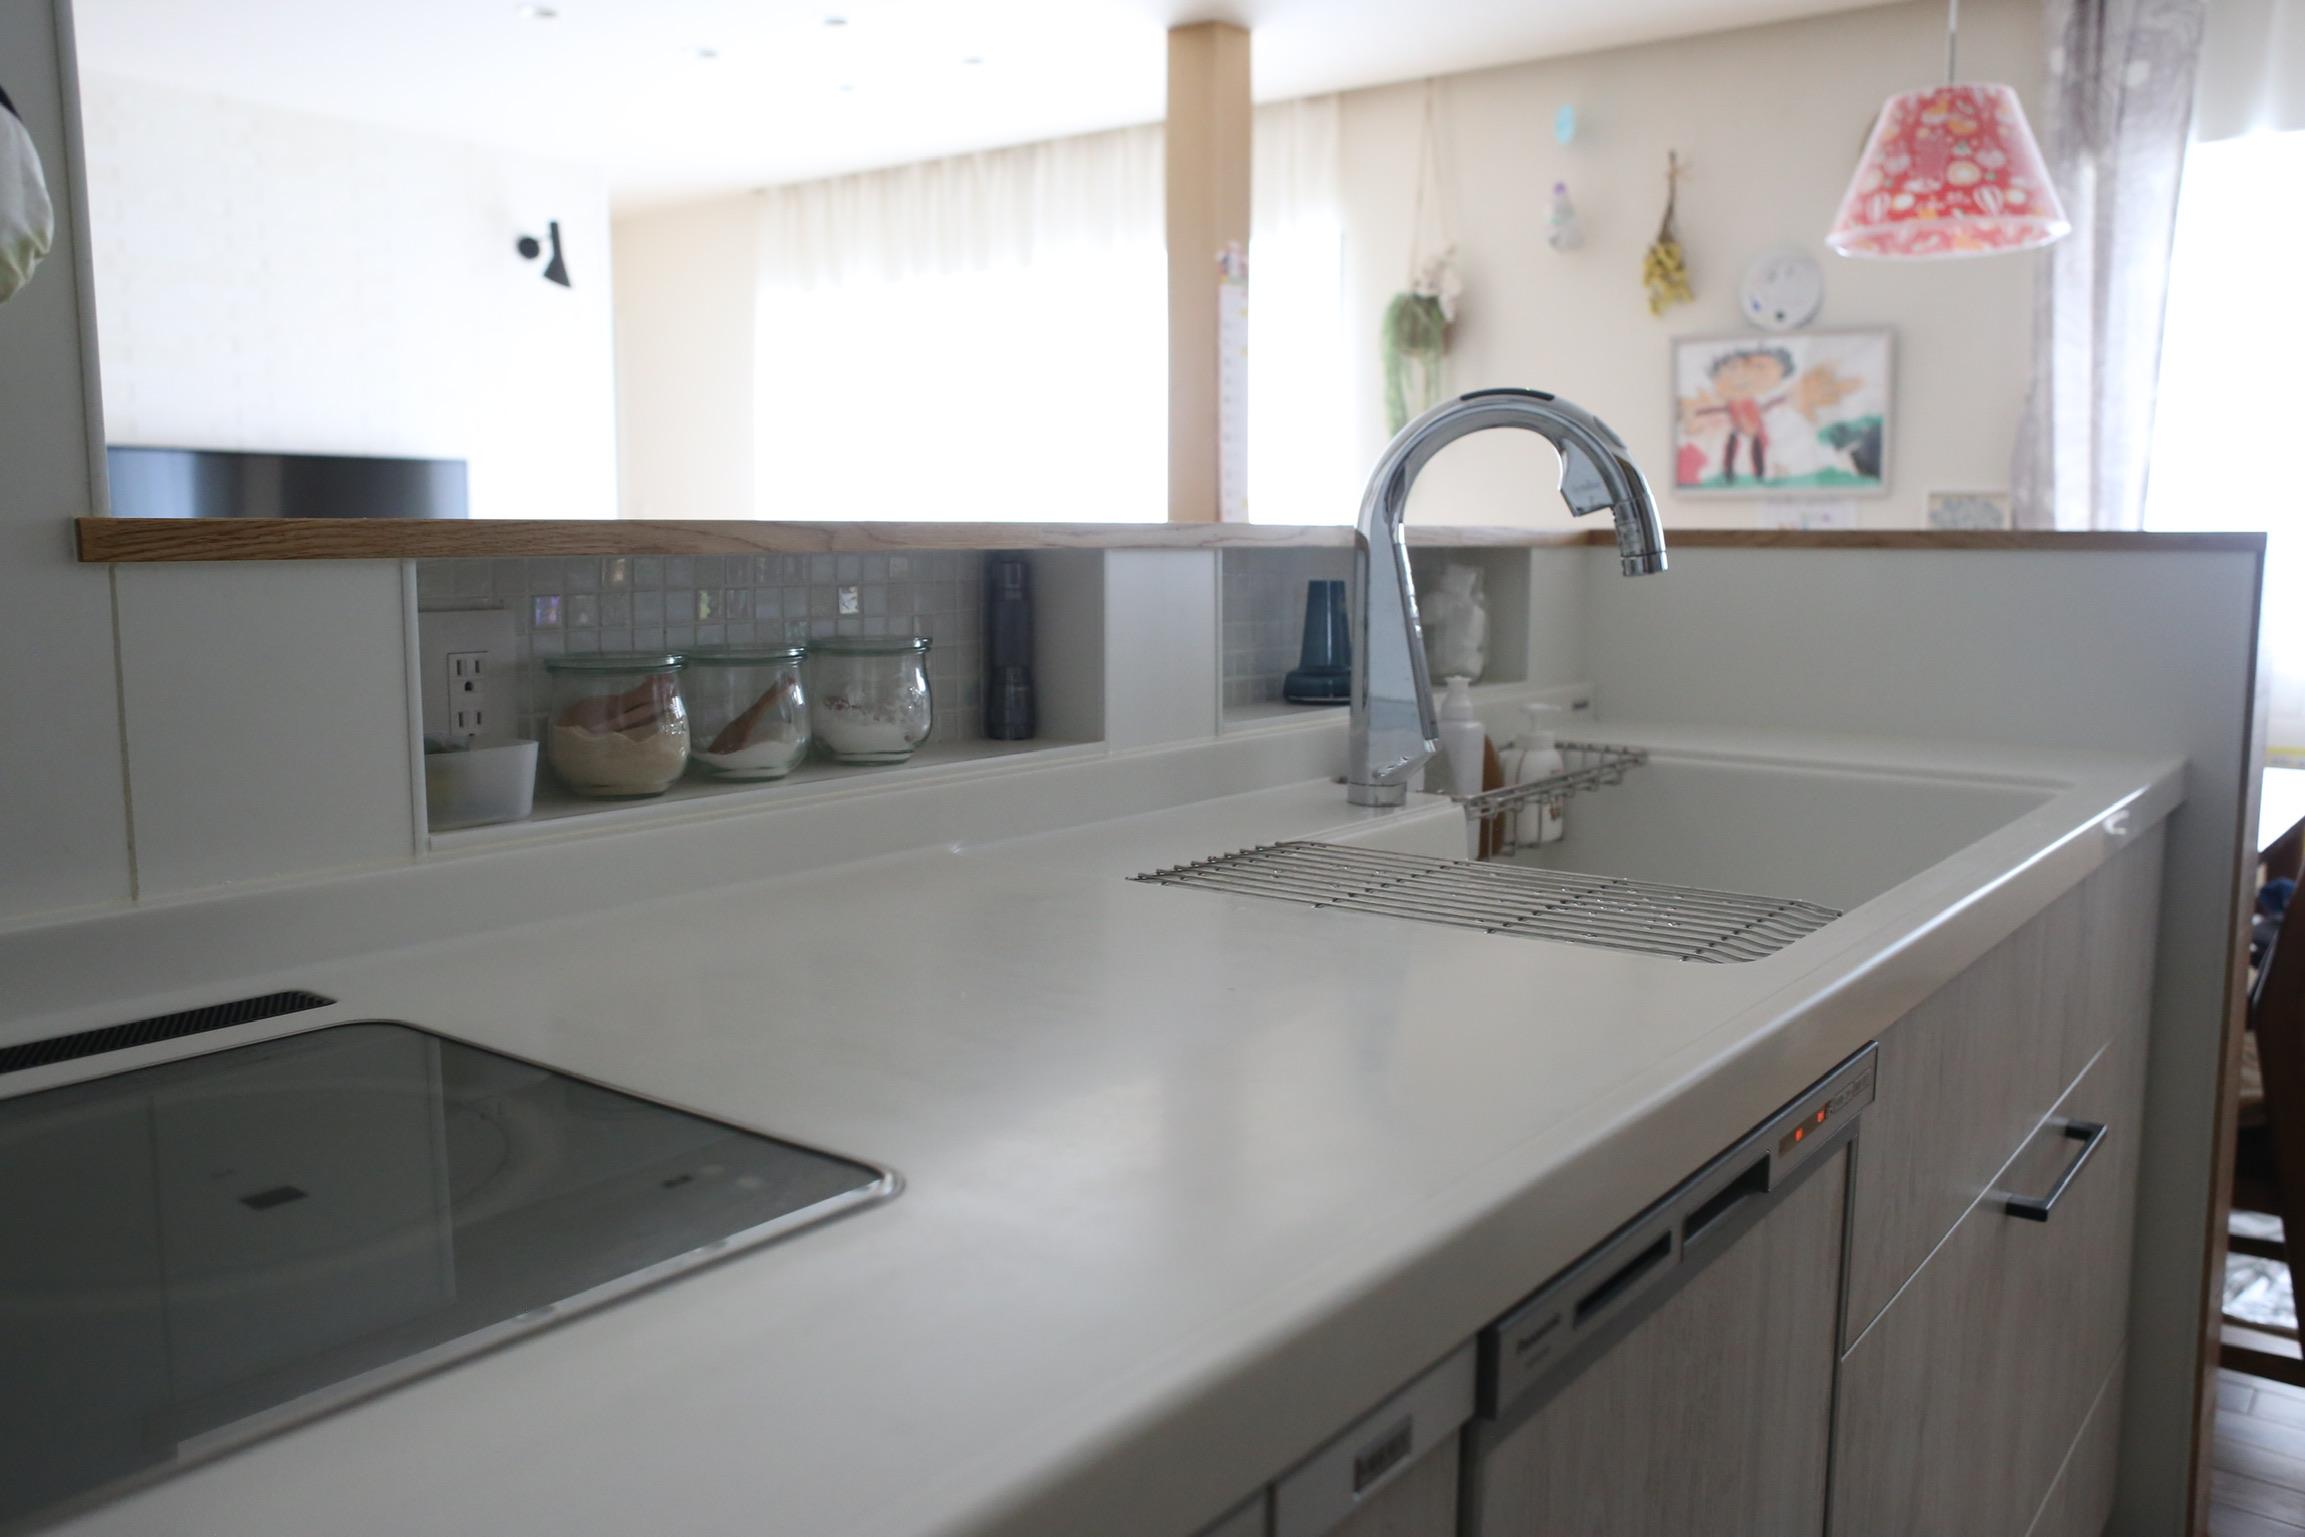 《web内覧会2019》キッチン6 手元を隠す造作腰壁とスパイスニッチ 仕様まとめ